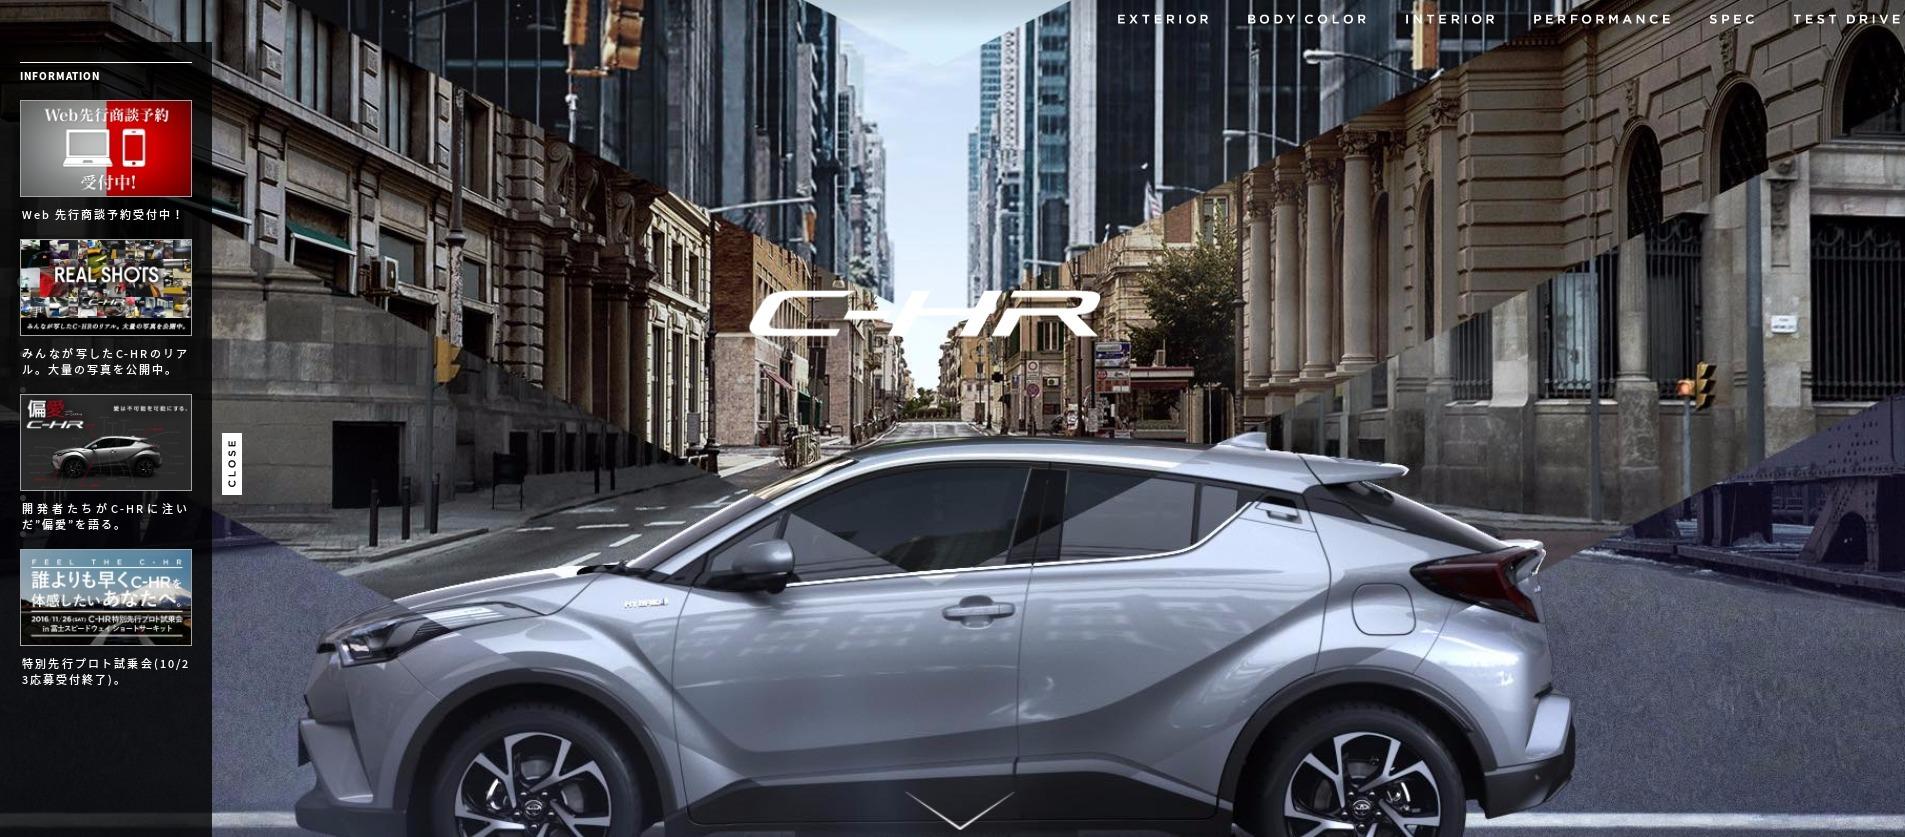 トヨタ C HR トヨタ自動車WEBサイト